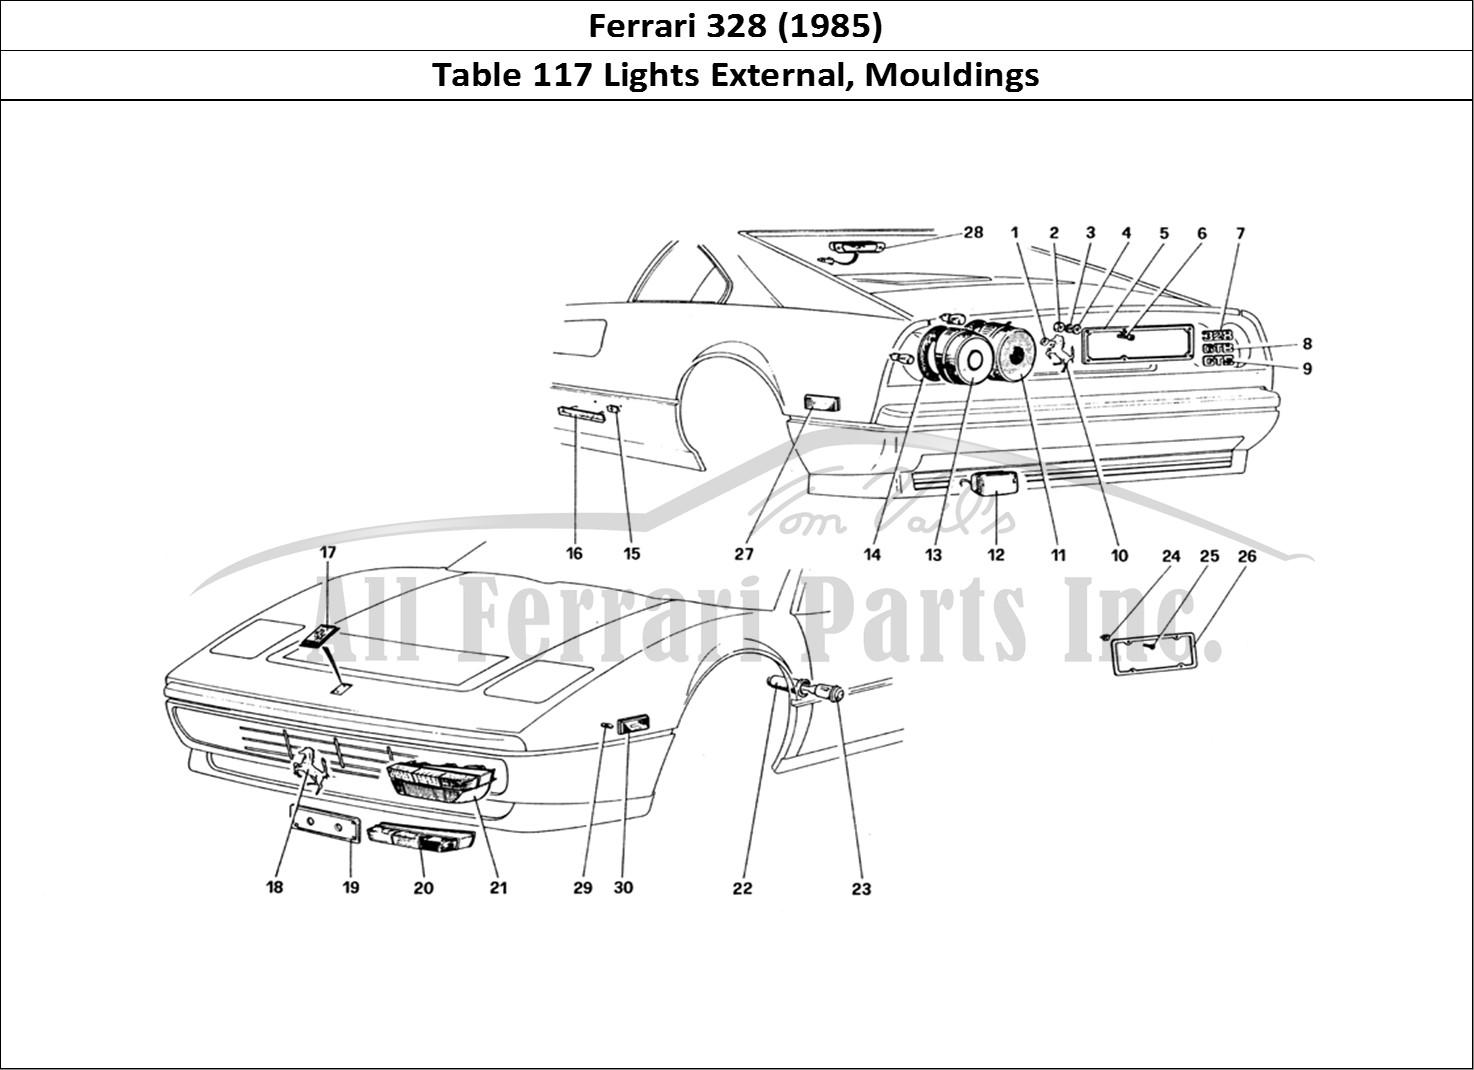 Buy original Ferrari 328 (1985) 117 Lights External